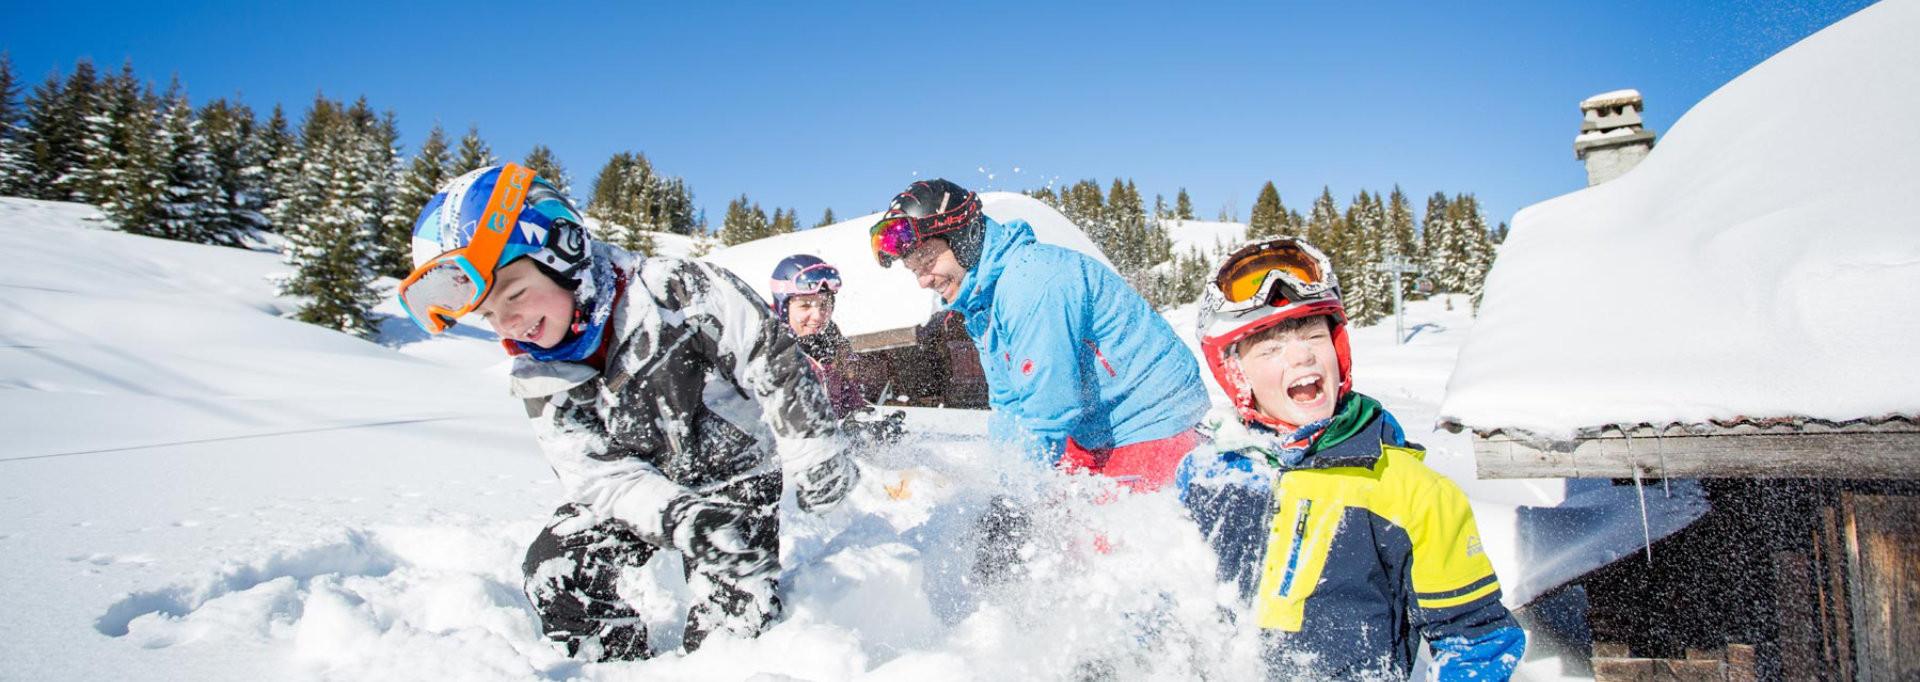 promo-forfaits-saison-10-jours-ski-liberte-2202-2430